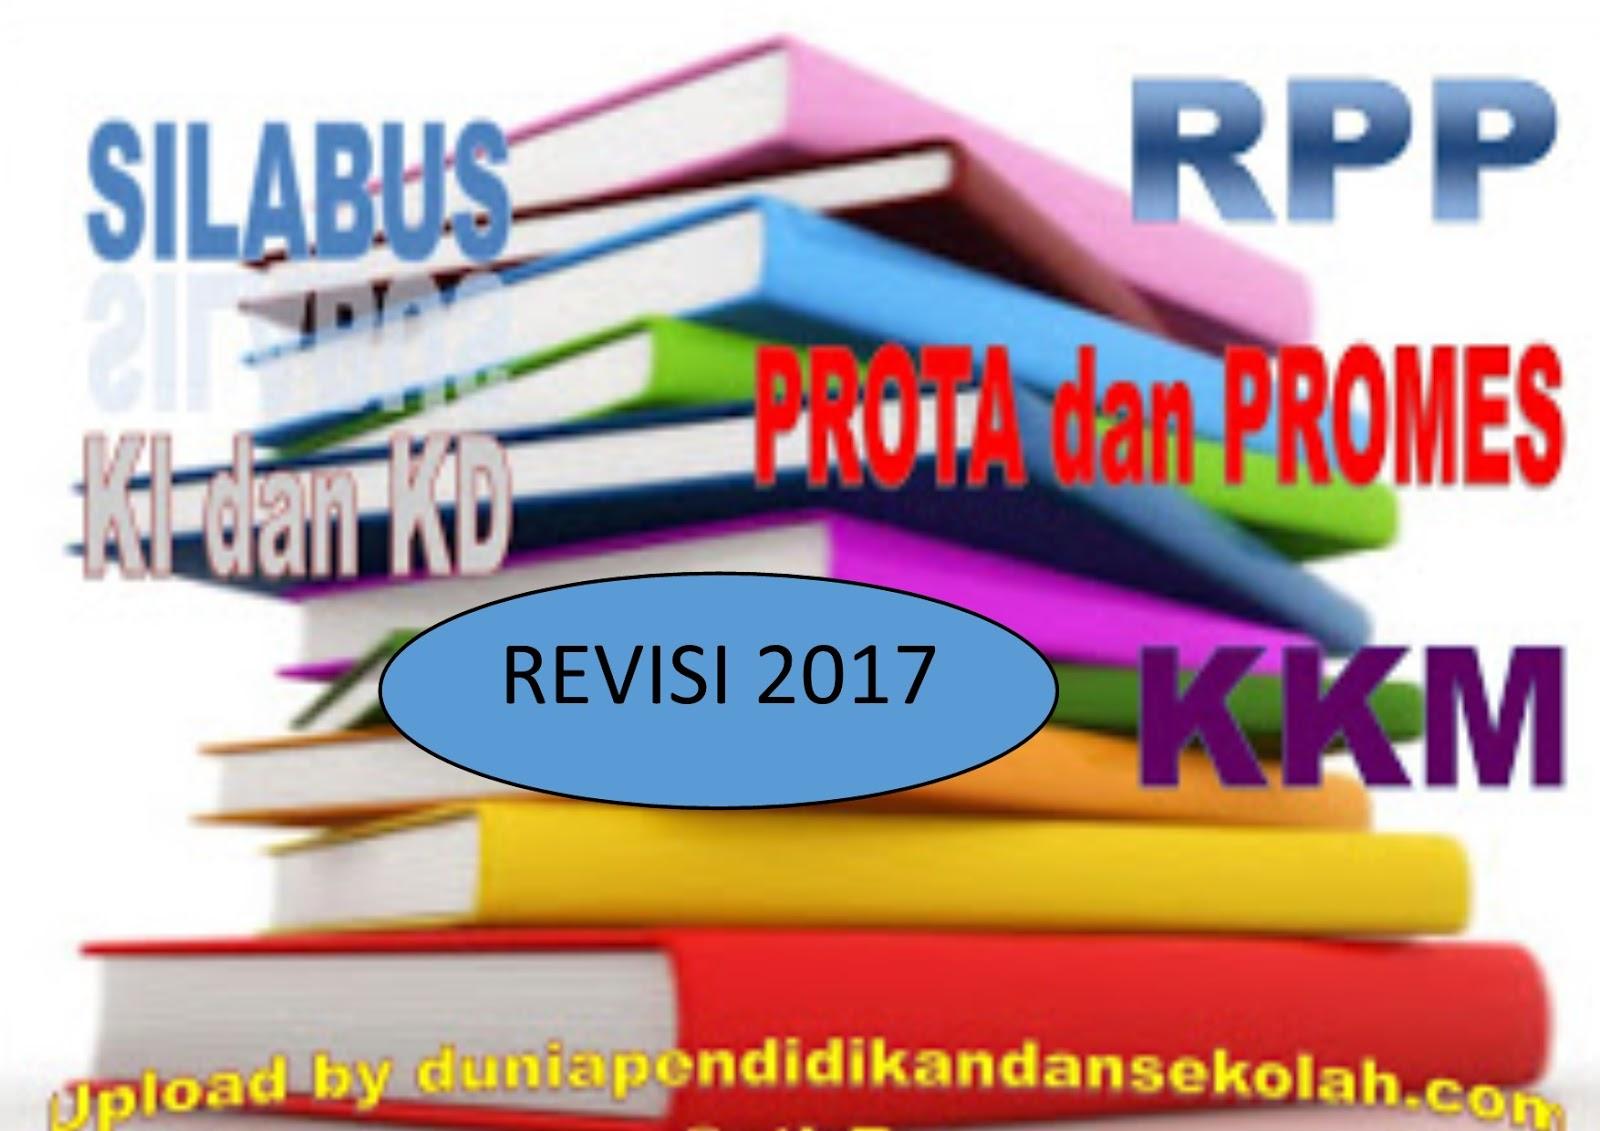 Lengkap Kelas 1 2 4 5 Revisi 2017 Rpp Prota Promes Pemetaan Kd Silabus Kurikulum 2013 Revisi 2017 Download Semester 2 Dilengkapi Arsip 3 Dan Kelas 6 Dunia Pendidikan